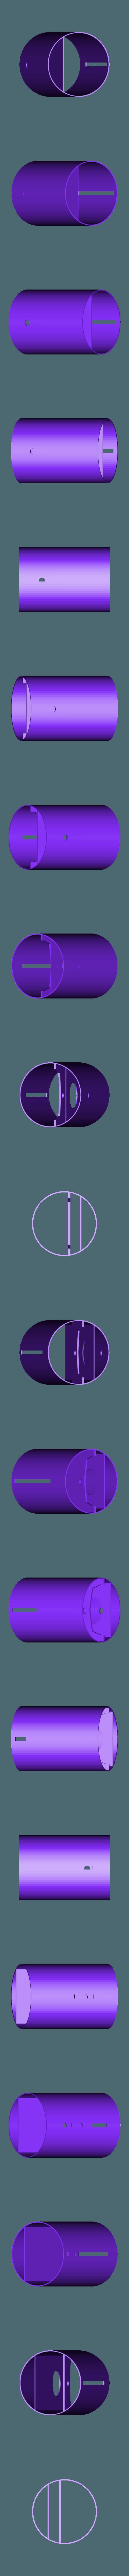 Corps.stl Télécharger fichier STL gratuit Tirelire-Vises les étoiles ! • Plan pour impression 3D, rfbat